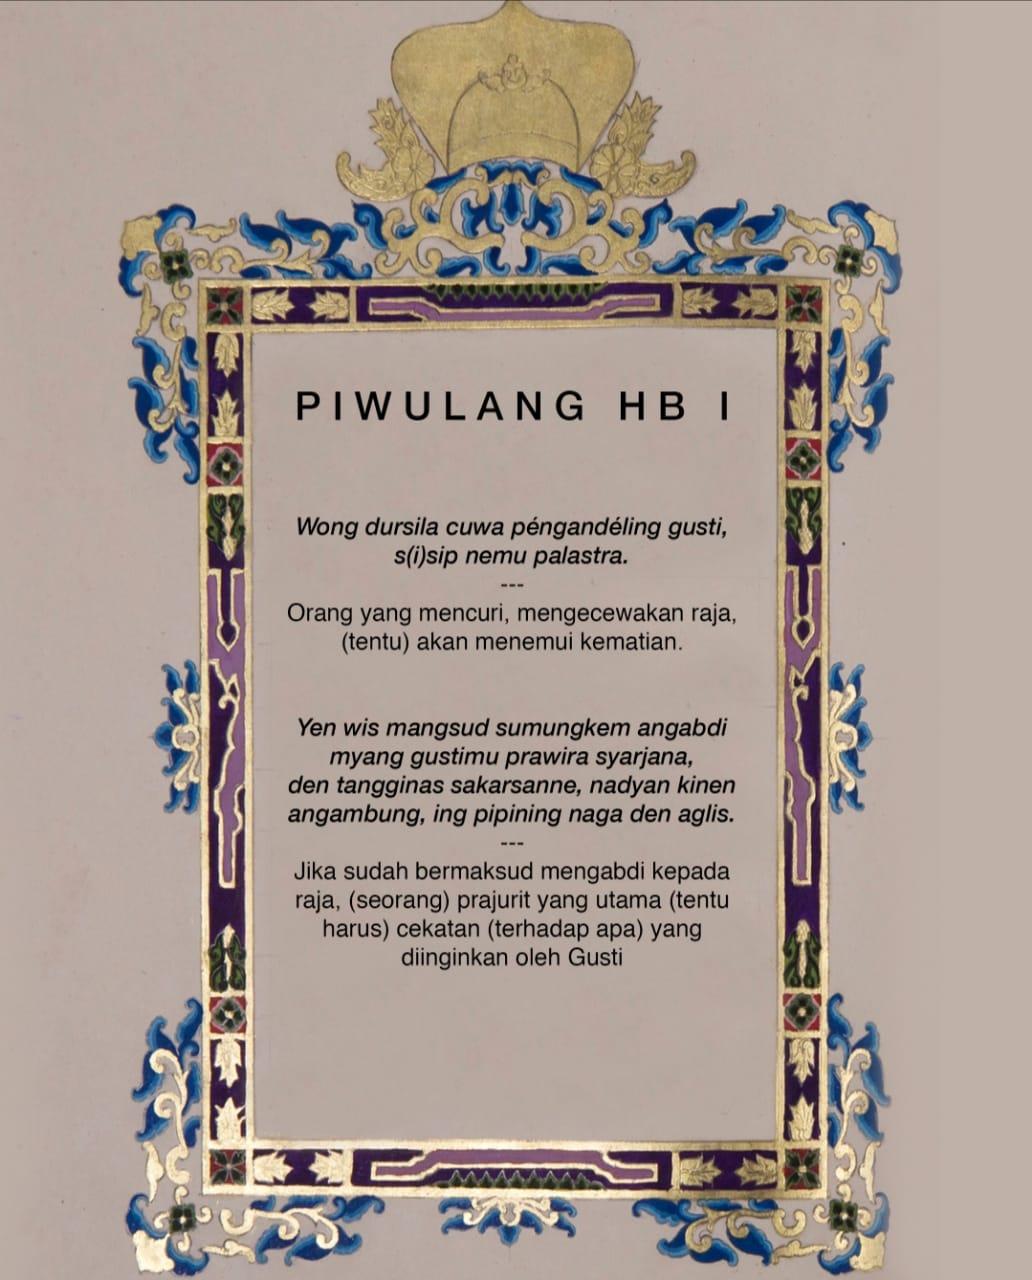 Piwulang HB I - Pameran Sekaten 2019